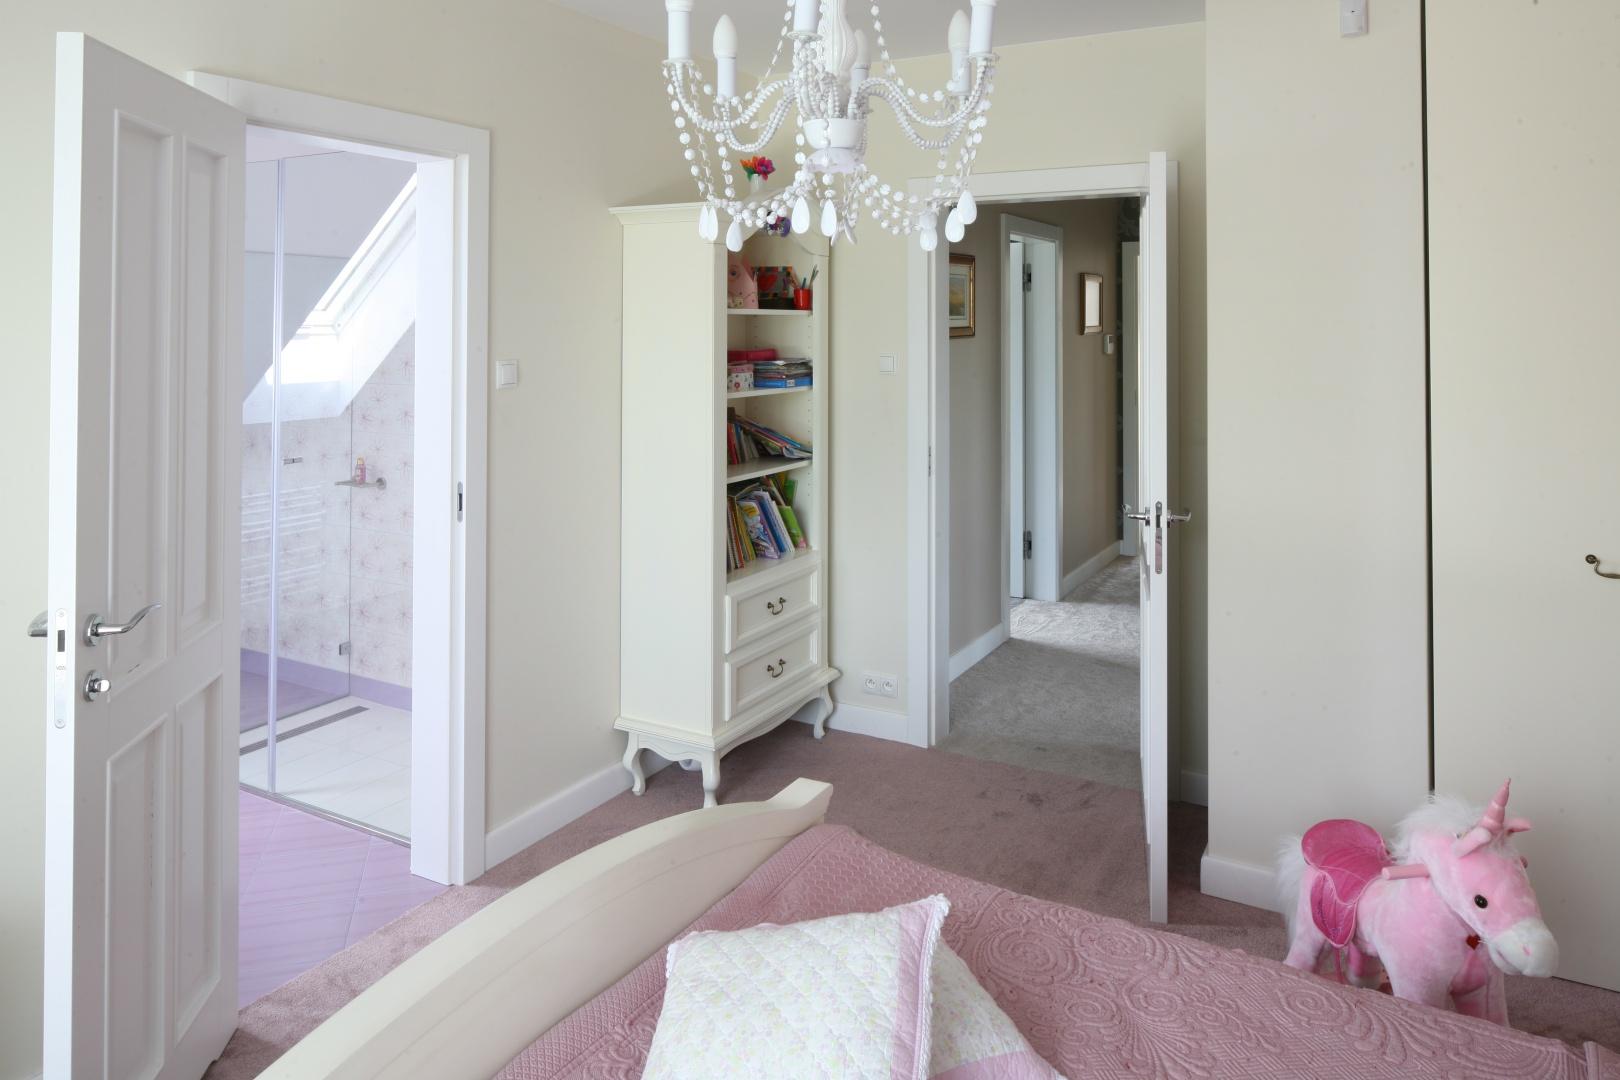 Mieszkająca tutaj mała księżniczka ma nie tylko swojego (oczywiście różowego) konika, ale równiez własną łazienkę. Projekt: Katarzyna Merta-Korzniakow. Fot. Bartosz Jarosz